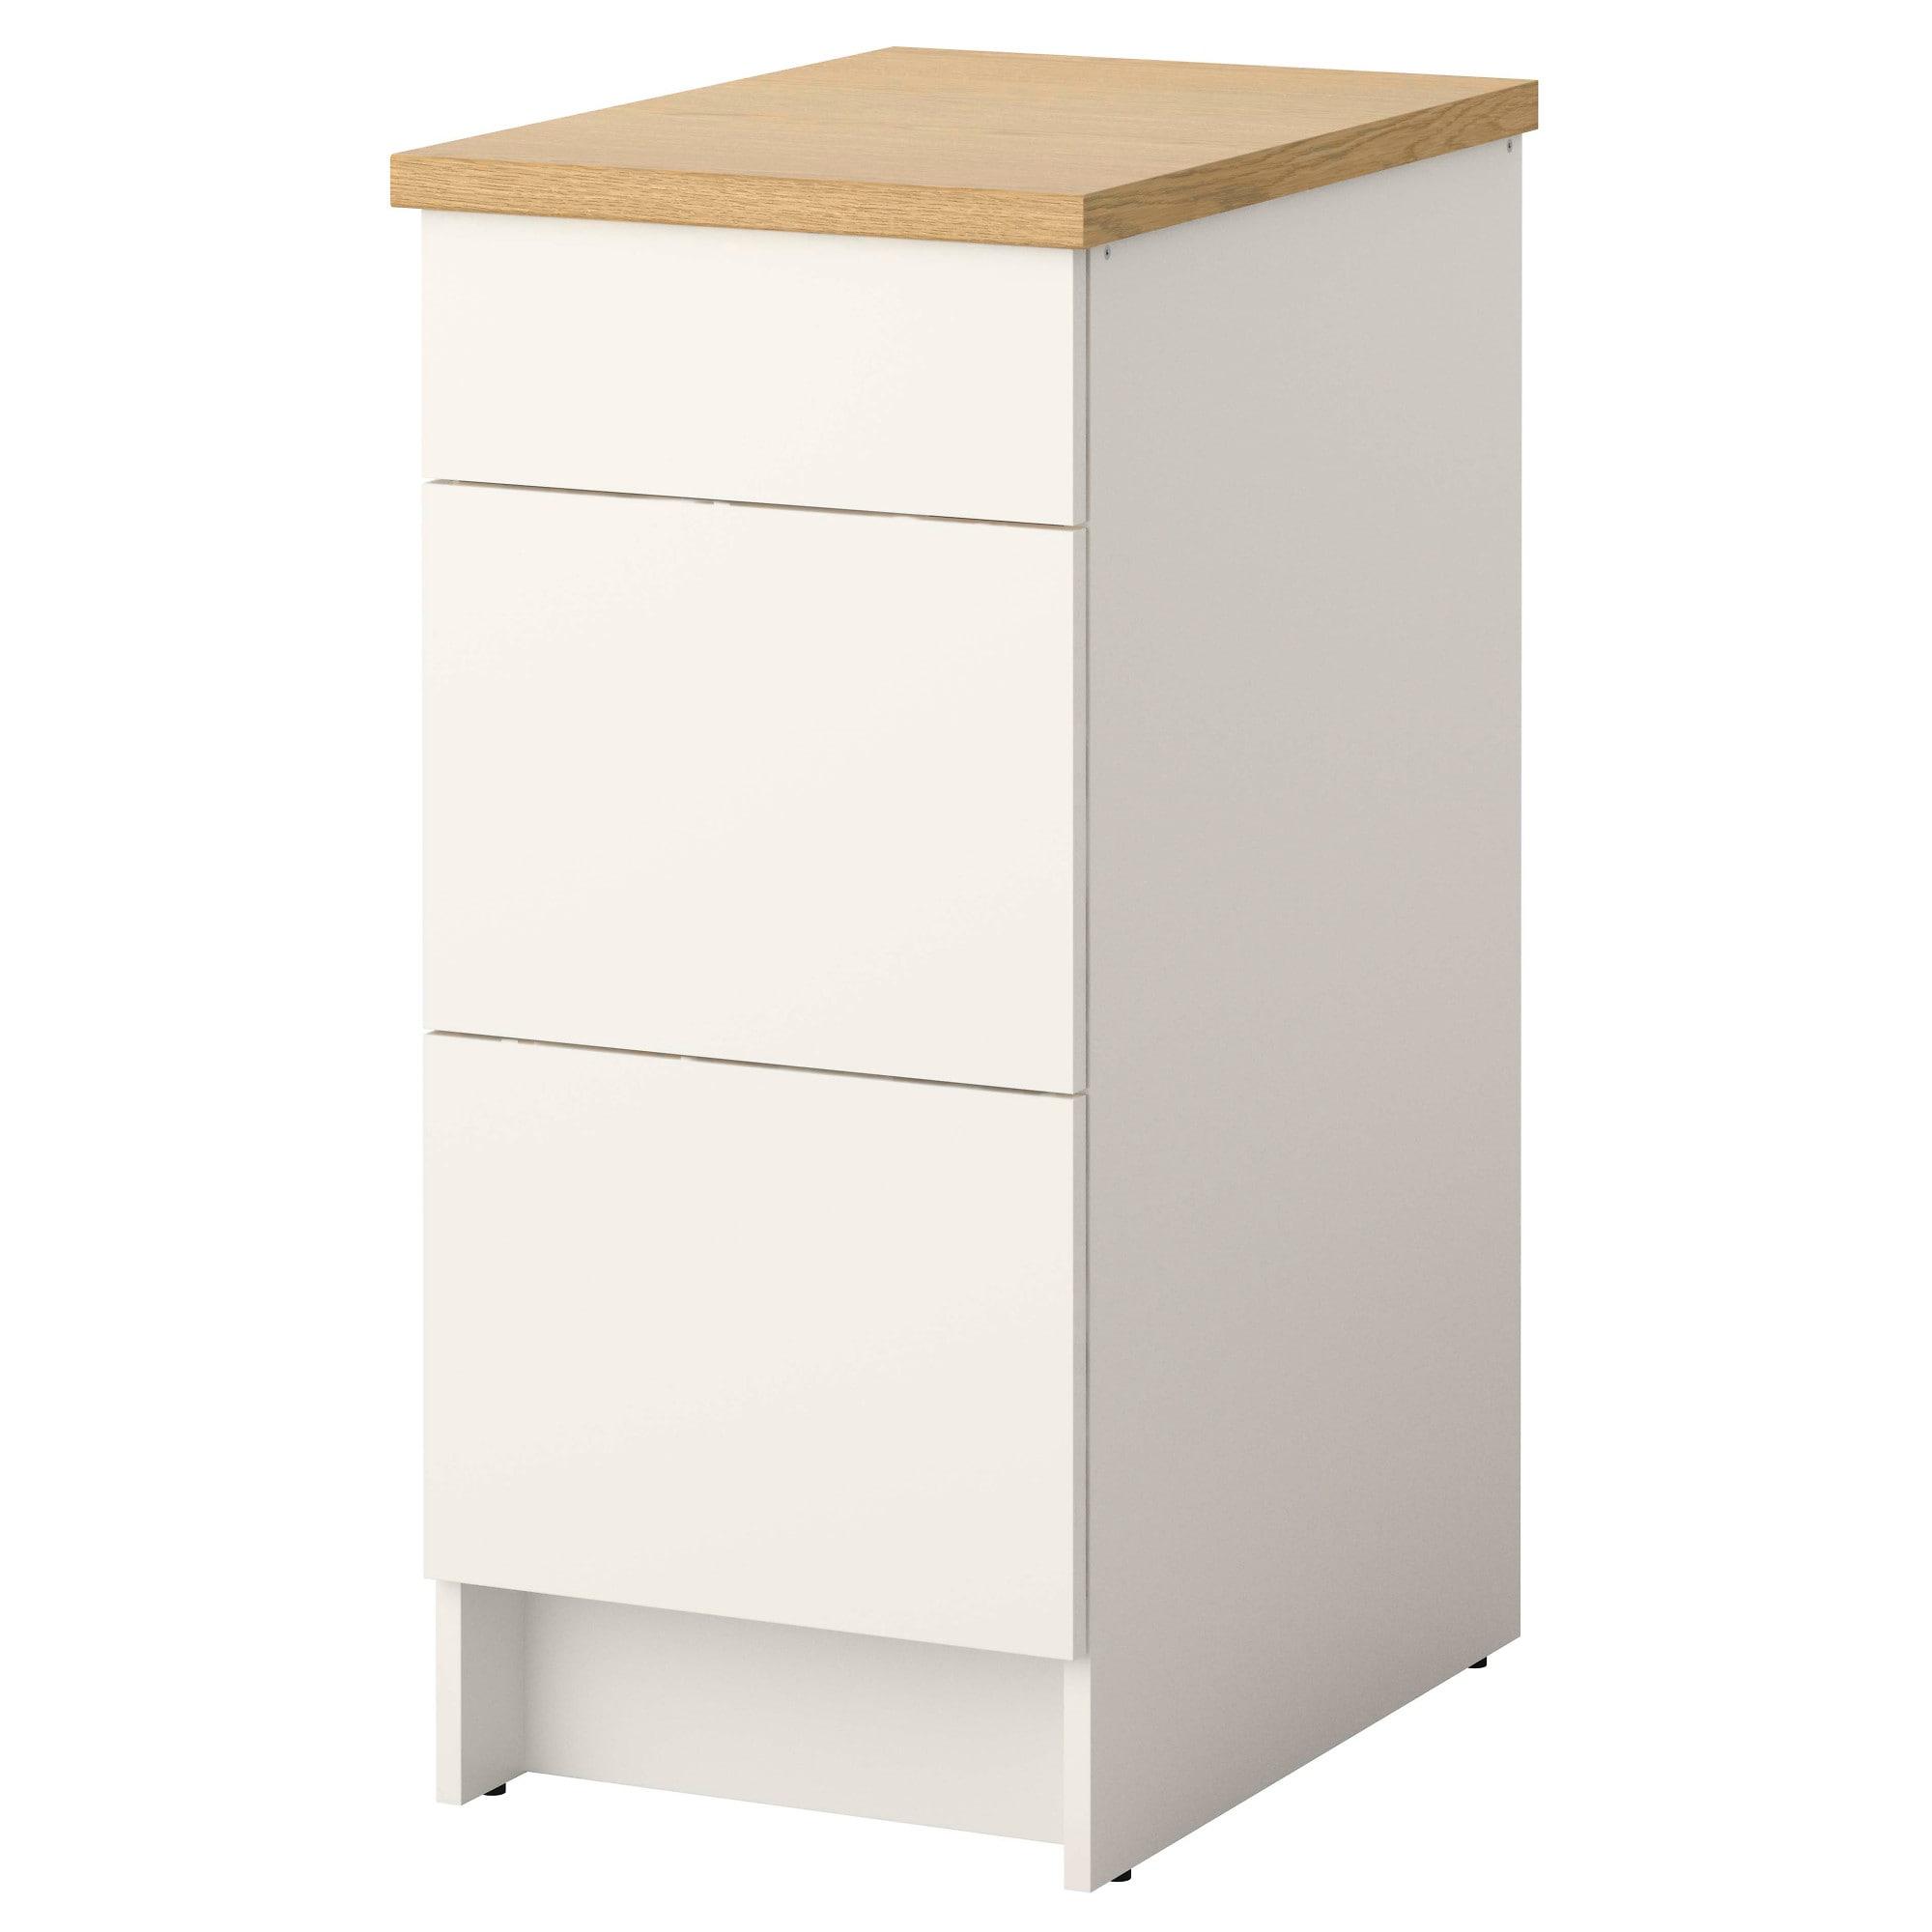 KNOXHULT Élément bas avec tiroirs, blanc - IKEA  Ikea, Tiroir